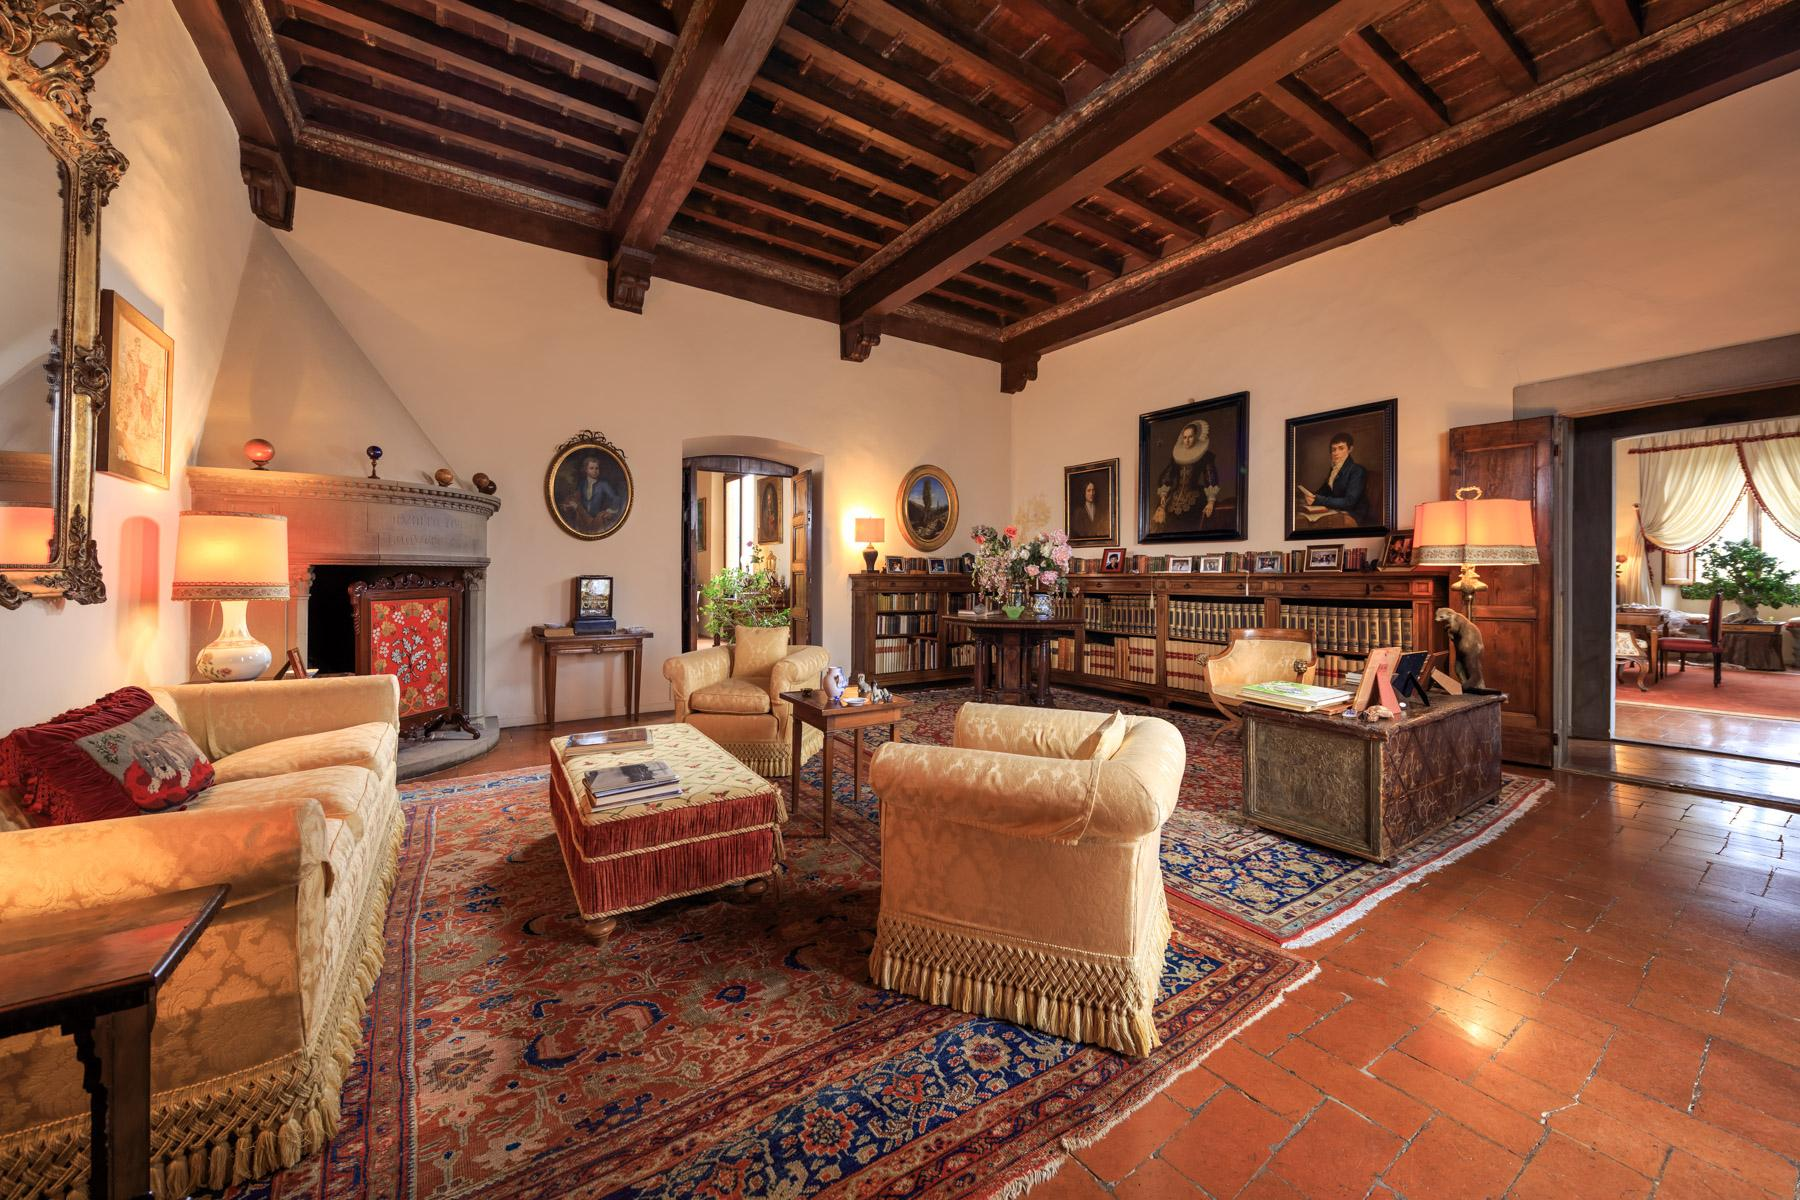 Meravigliosa proprietà con vista mozzafiato su Firenze - 5